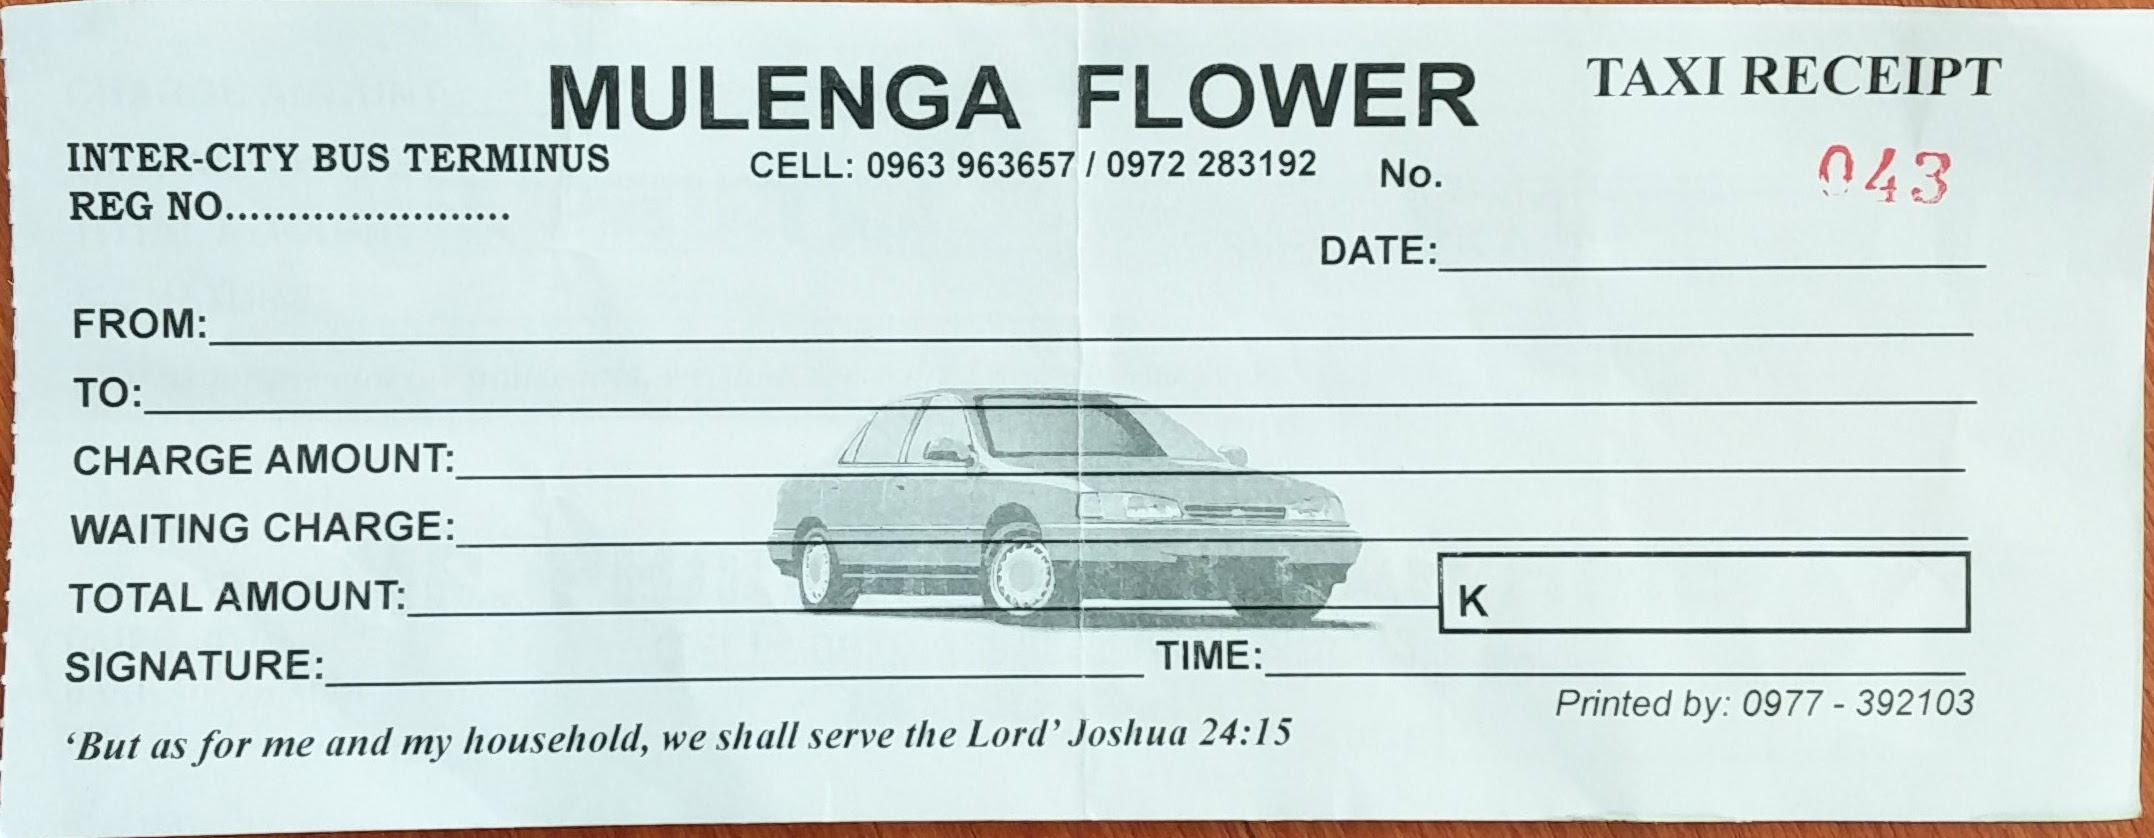 mulenga-flower-20161117